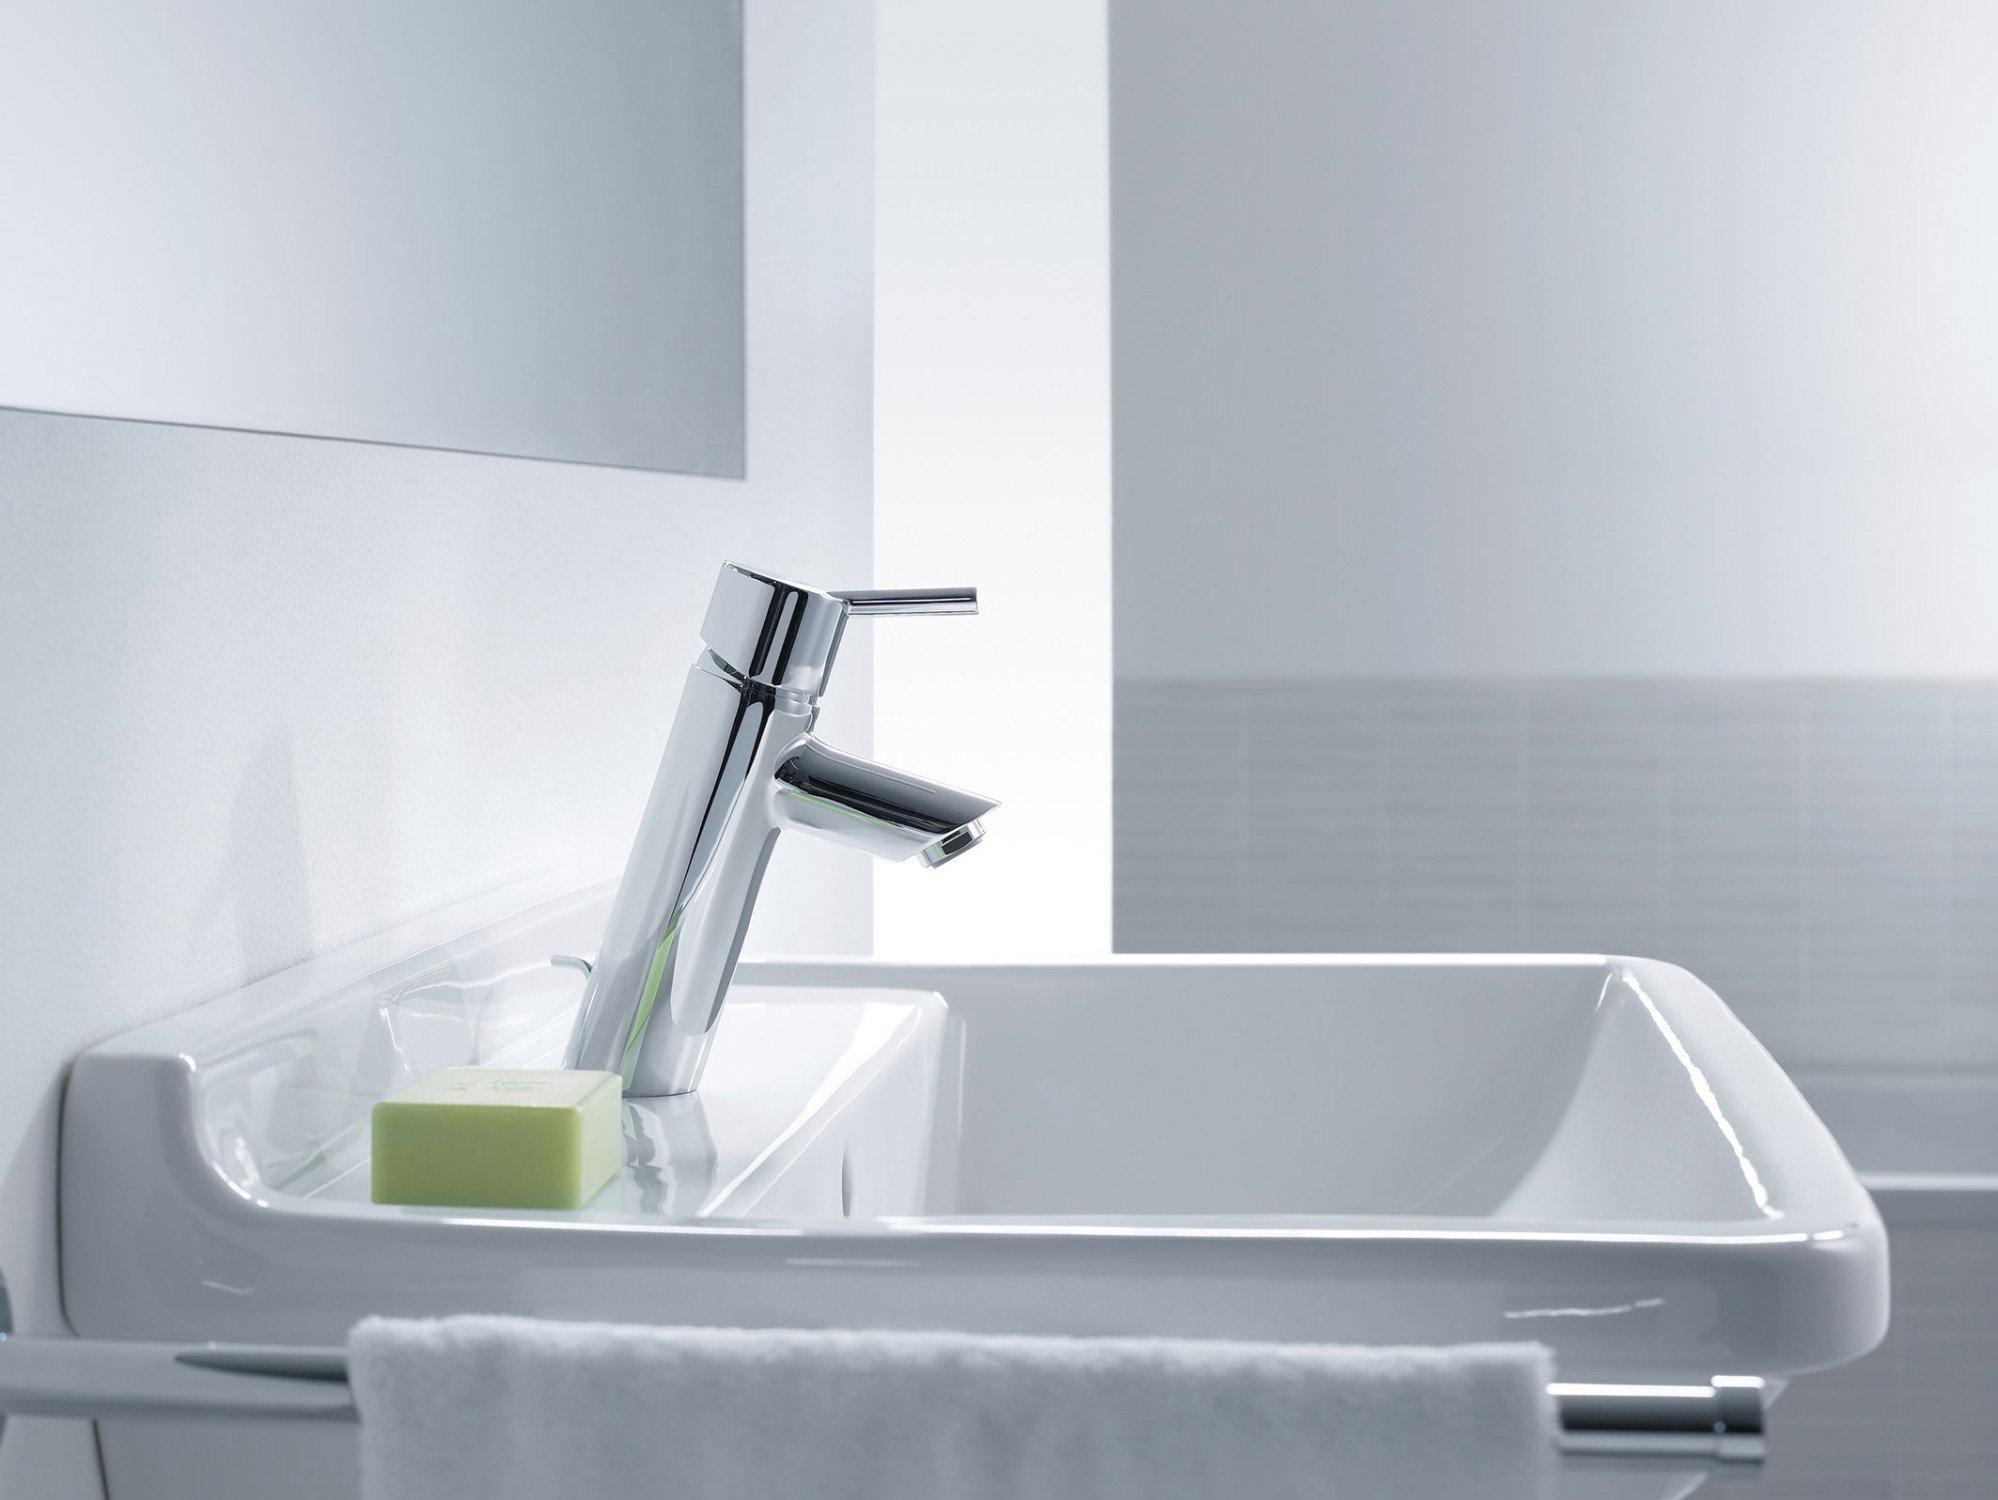 kalkmarmorputz f r nassr ume bad und sanit r news produkte archiv baunetz wissen. Black Bedroom Furniture Sets. Home Design Ideas